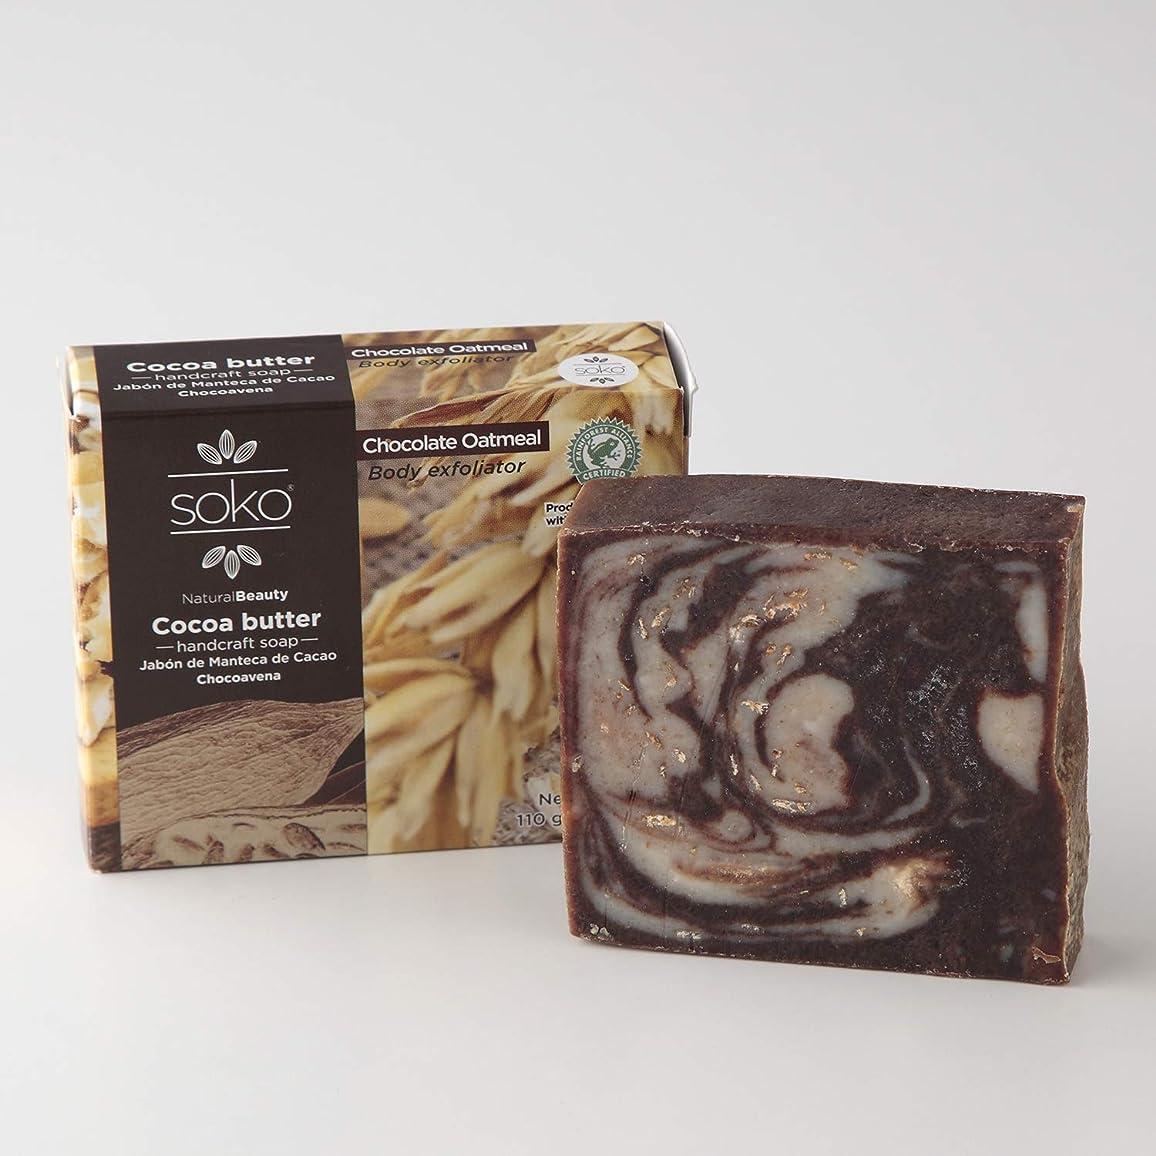 起きている顔料ホースカカオバター ナチュラル石けん 110g チョコレート&オートミール 男性や脂性肌に